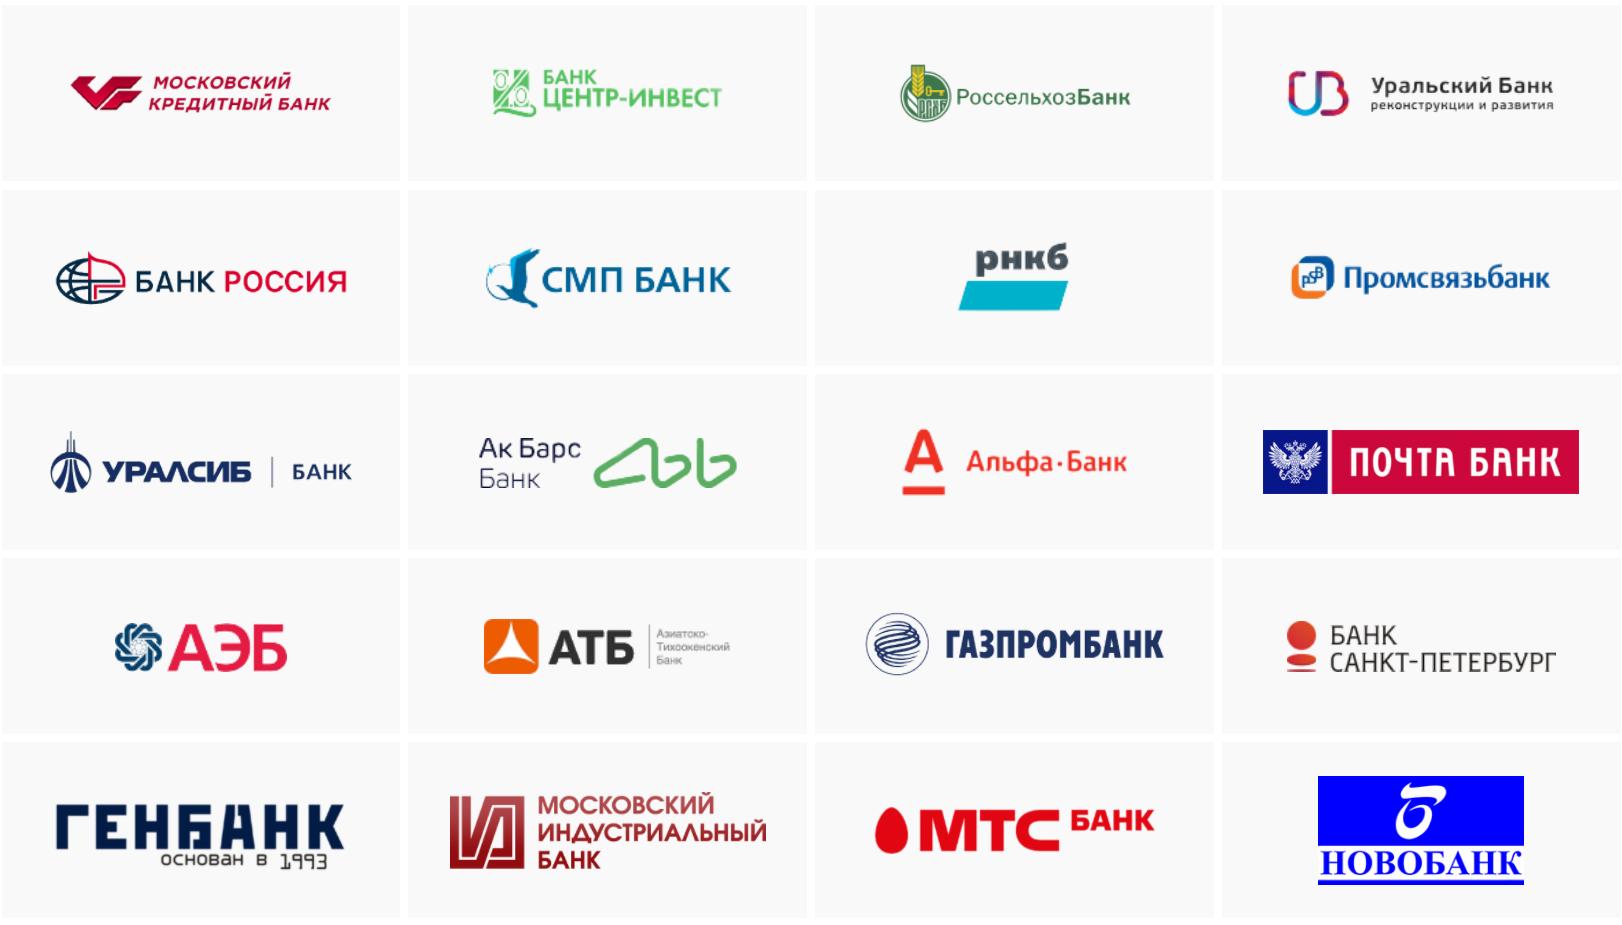 Банки участники мир пэй 1